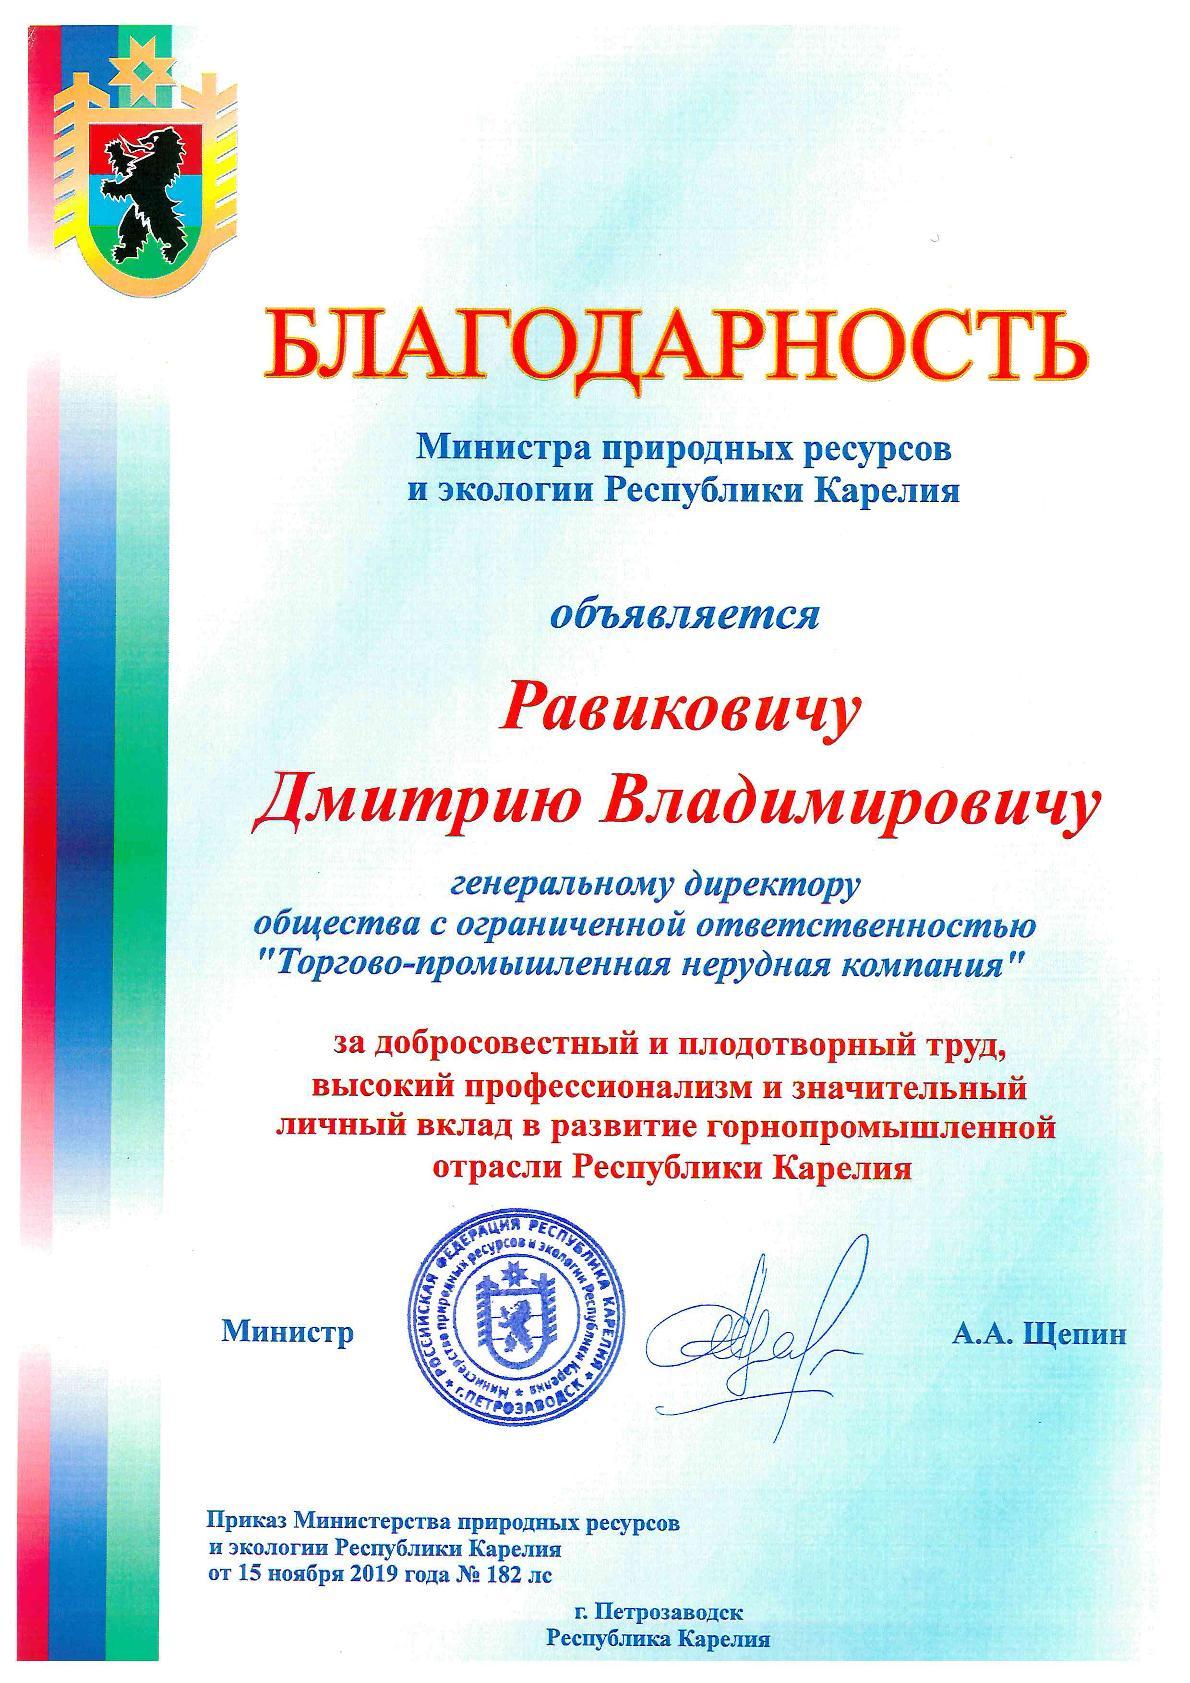 Благодарность Равиковичу Д.В.